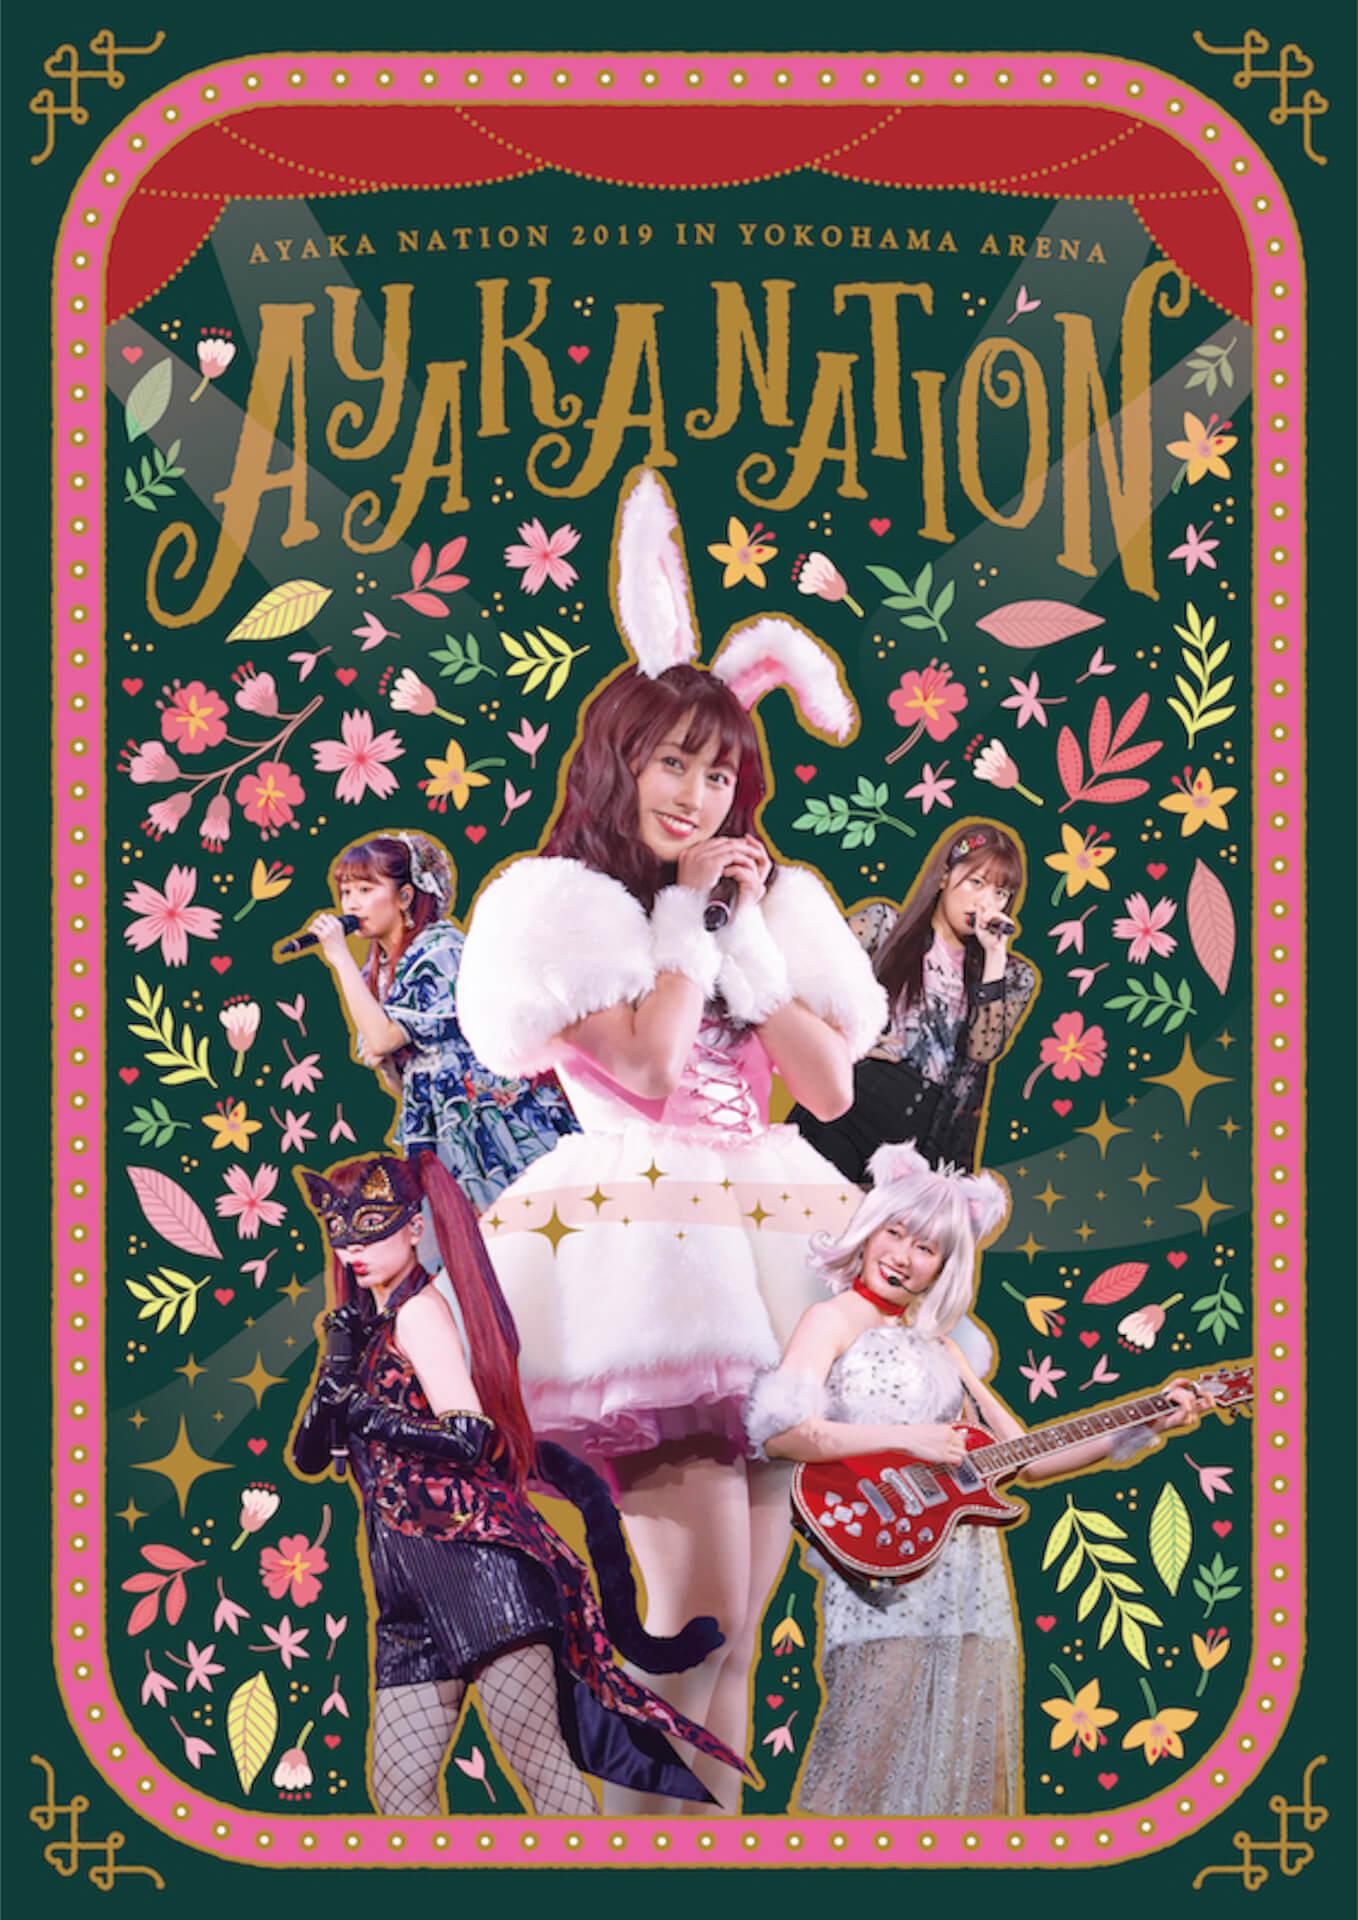 """ももクロ""""あーりん×ハードロックカフェ""""コラボが再度実現!『AYAKA NATION 2019』BD&DVD発売記念フェア開催決定 art191202_momokuro_3"""